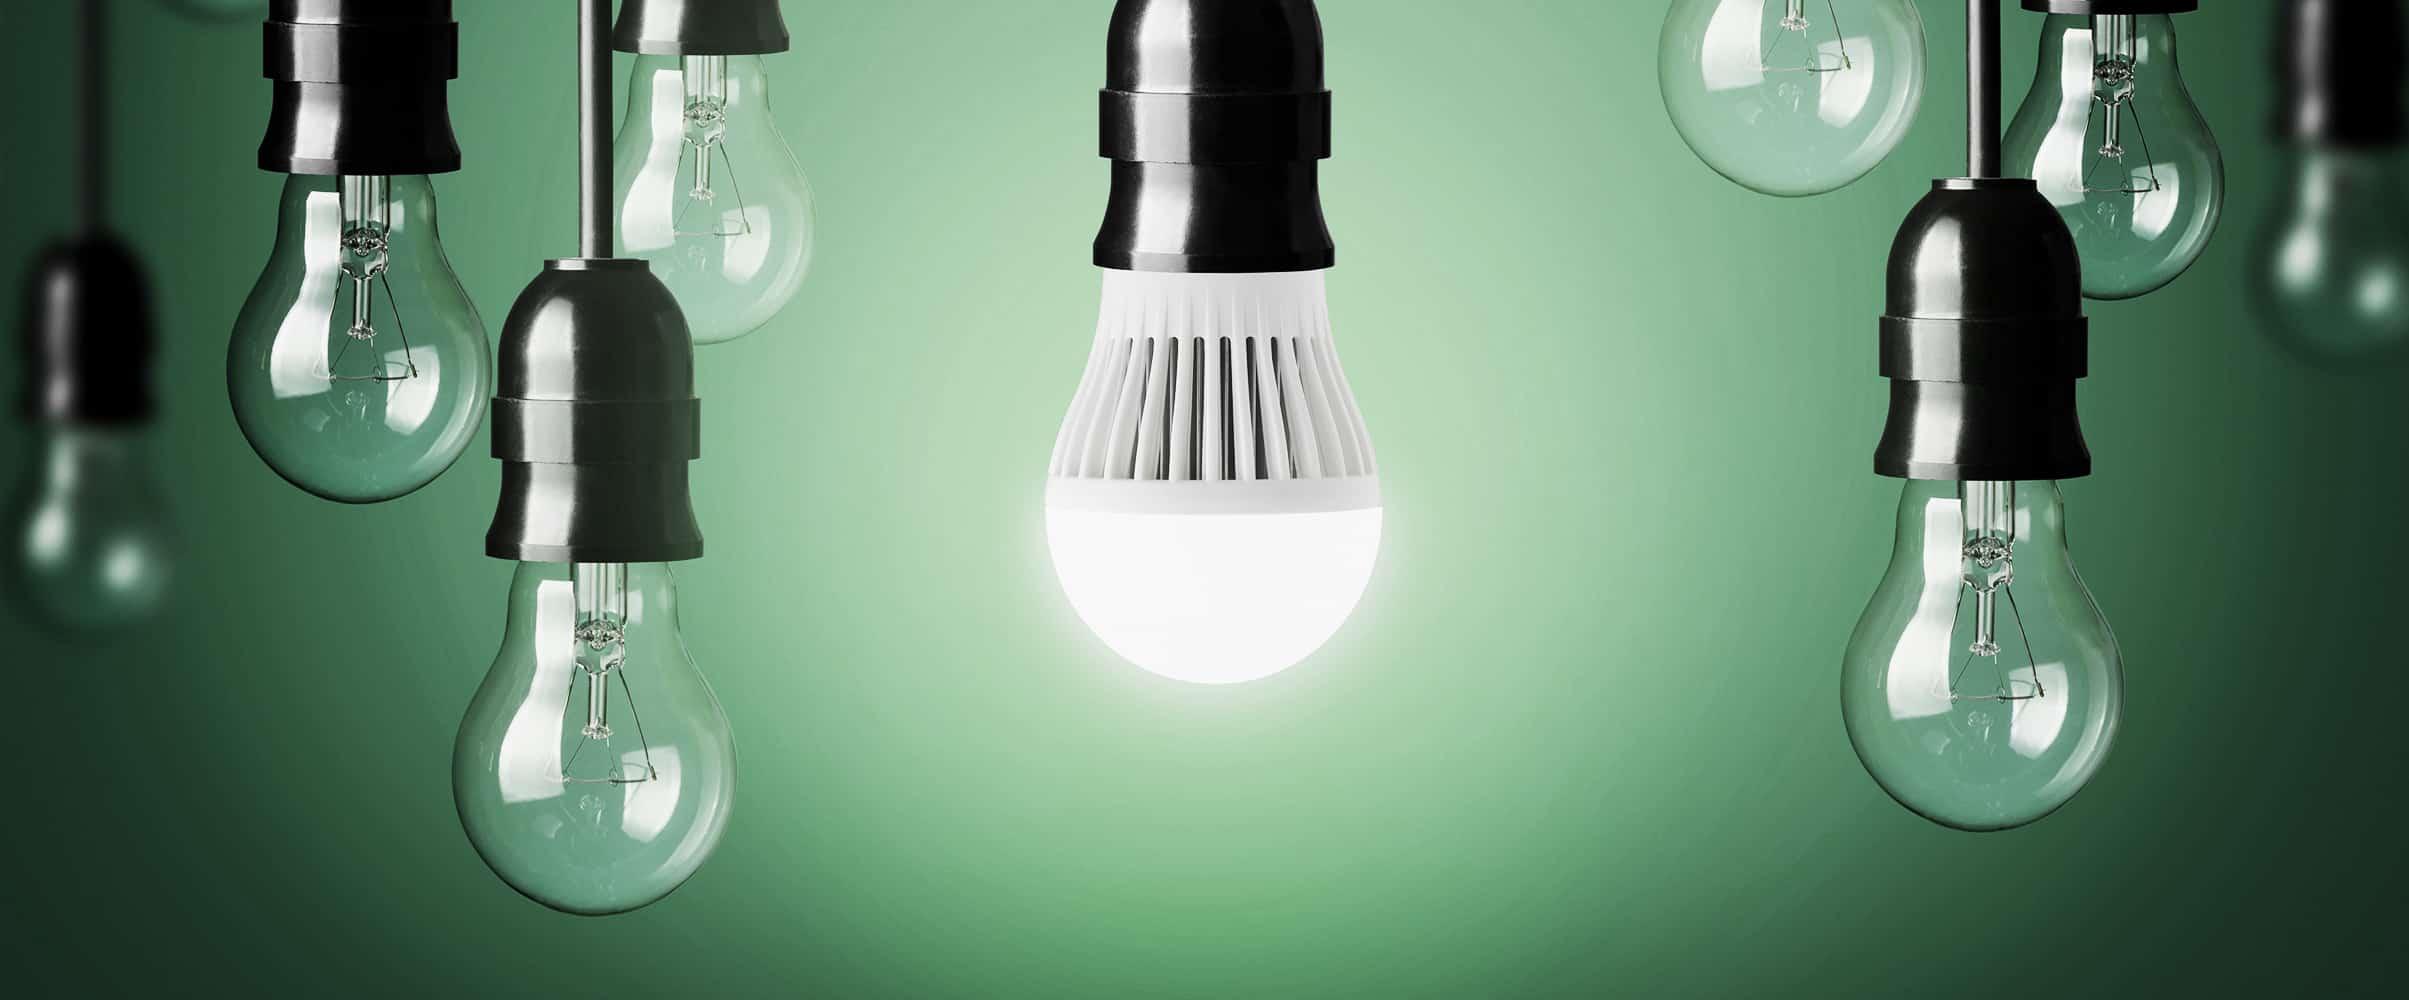 17 trucos para ahorrar energ a y dinero en casa houselab - Trucos para ahorrar dinero en casa ...